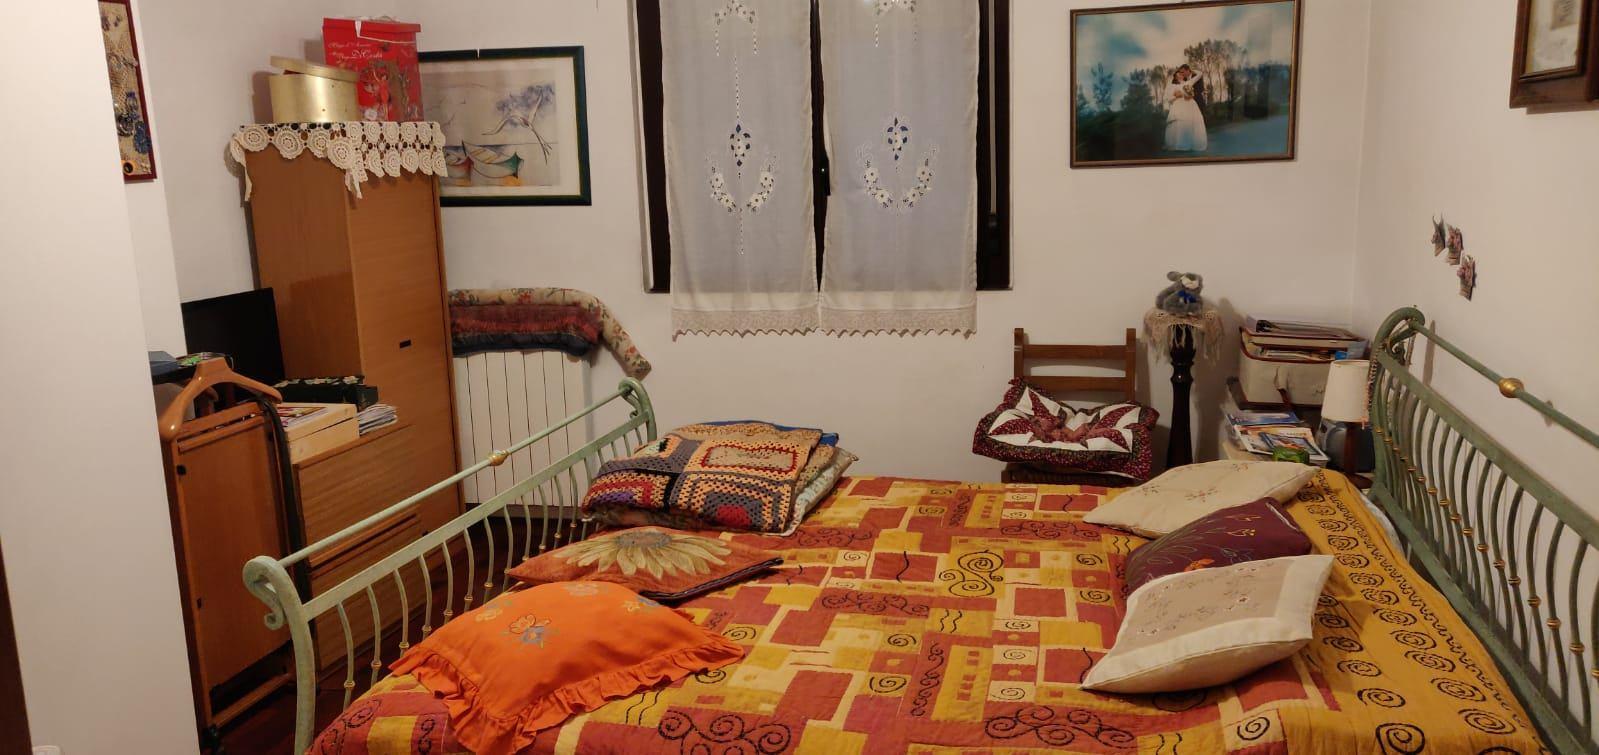 appartamento-in-vendita-a-milano-baggio-3-locali-trilocale-spaziourbano-immobiliare-vende-3